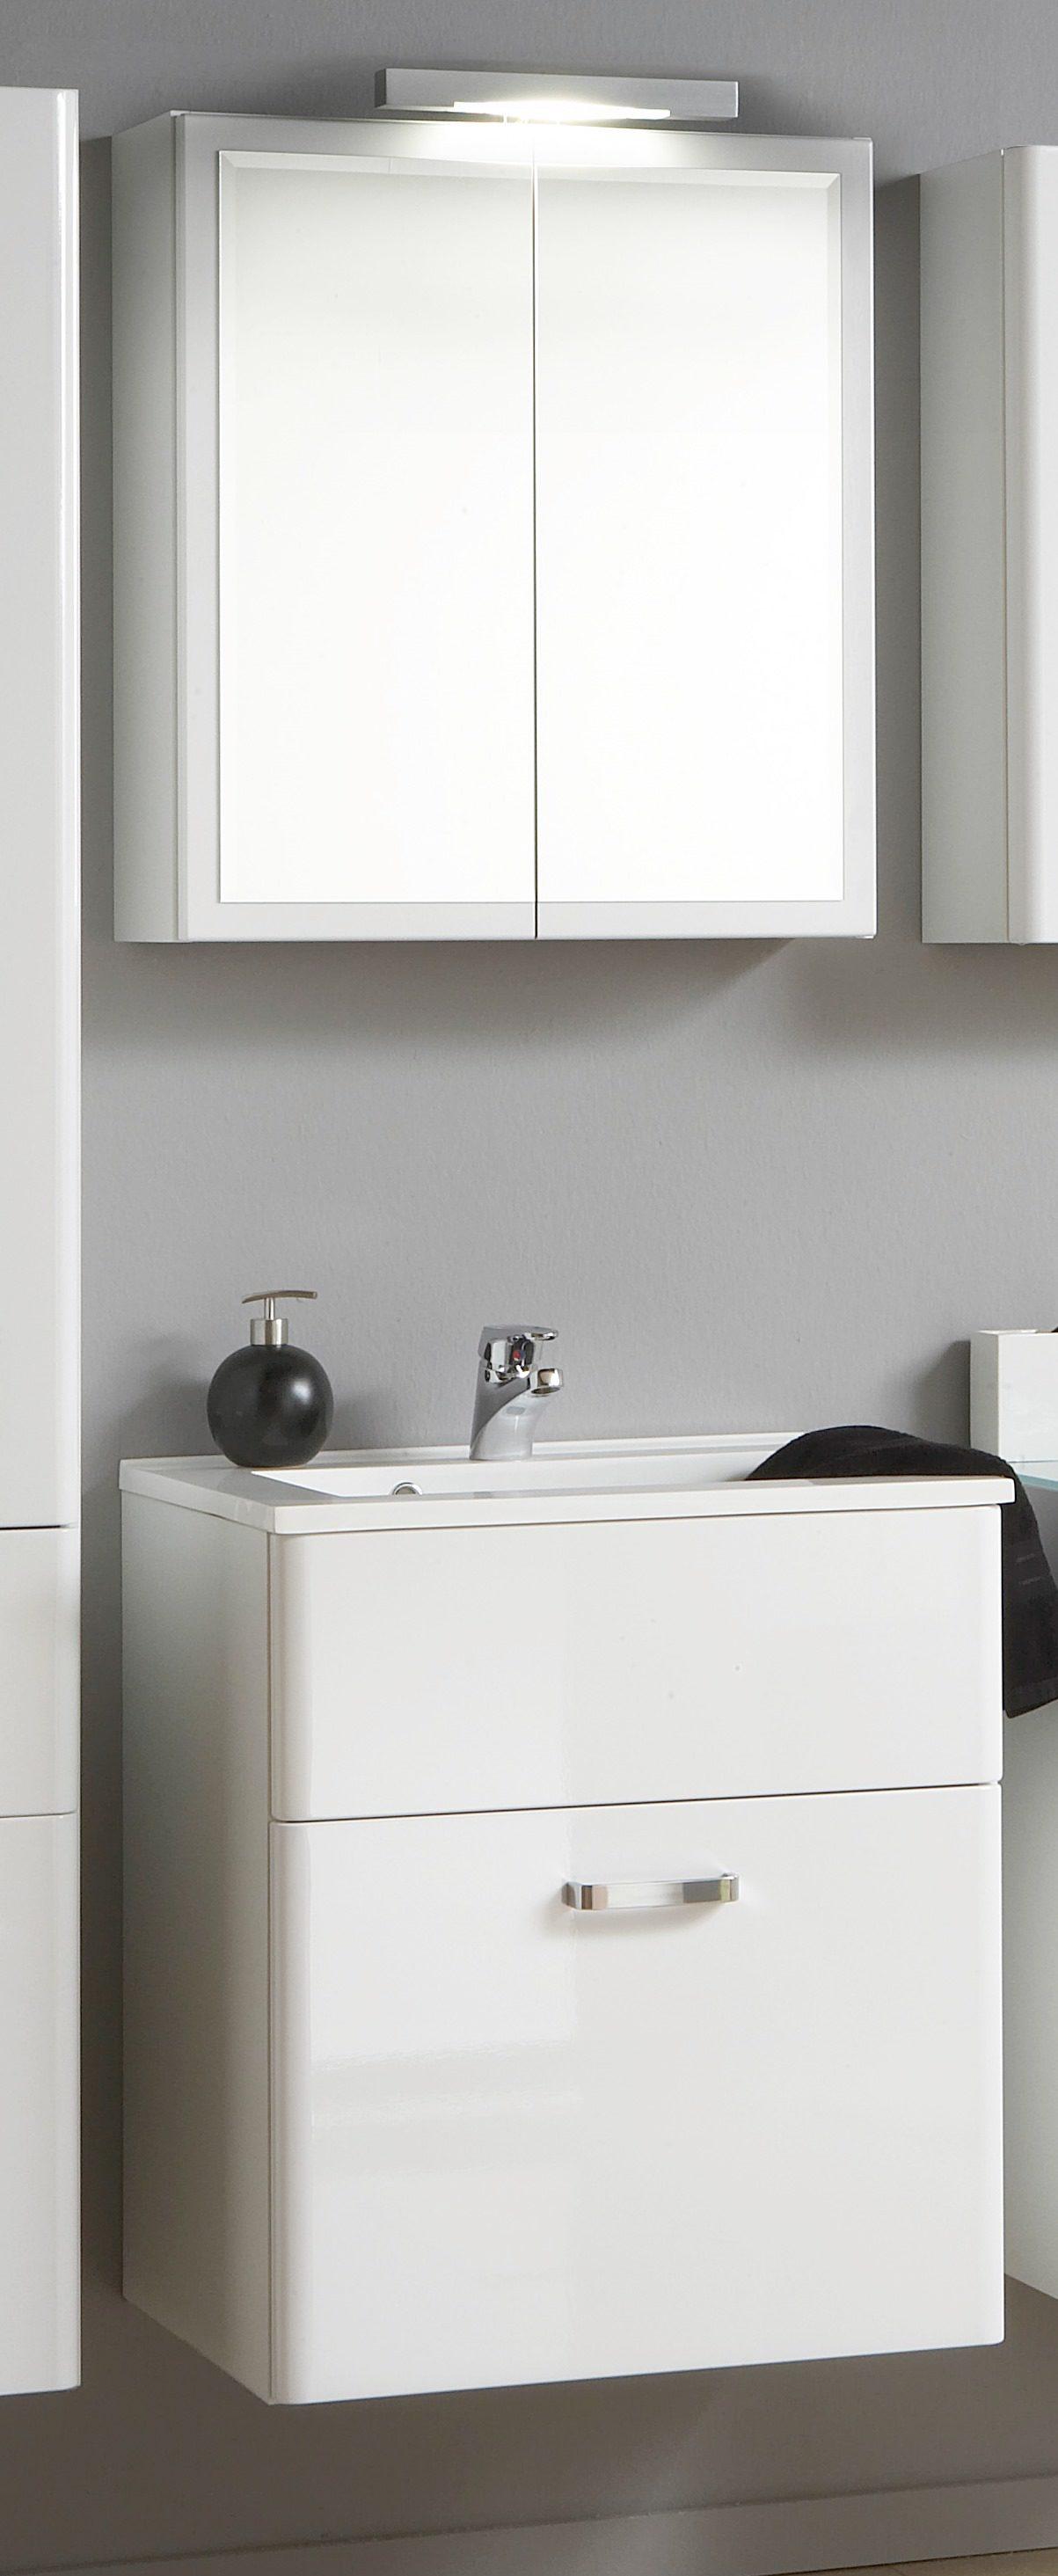 Waschtisch Set Und Spiegelschrank Phoenix Weiße Hochglanzfront